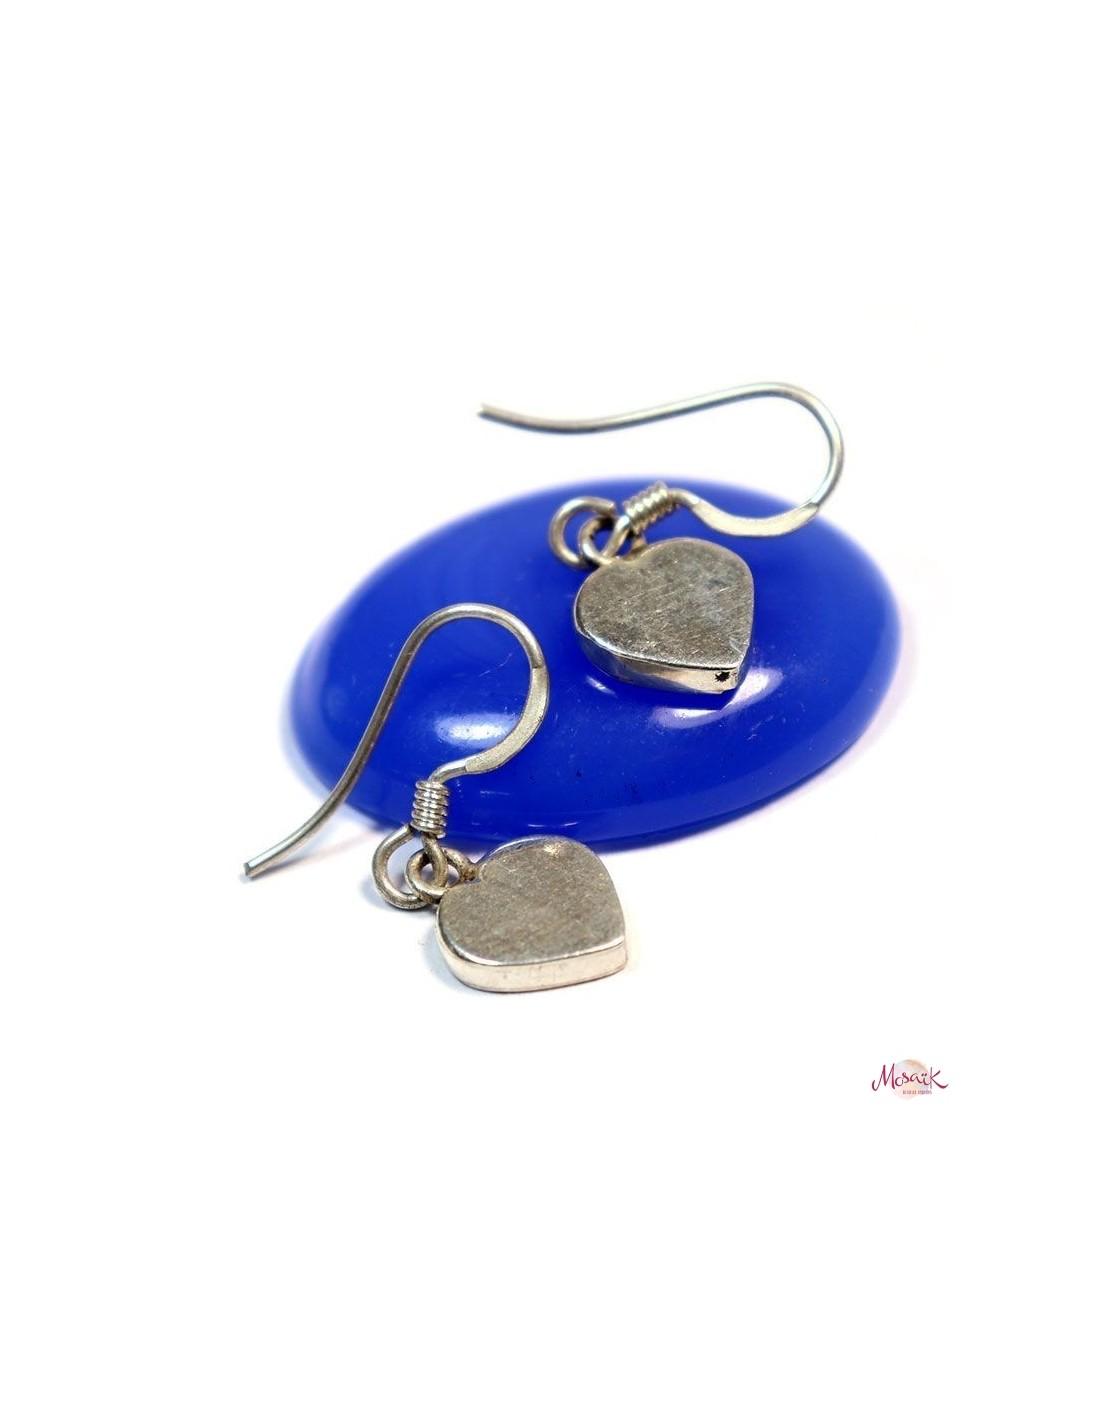 Boucles d 39 oreilles argent coeur bijoux argent indiens - Fermoir boucle d oreille argent ...